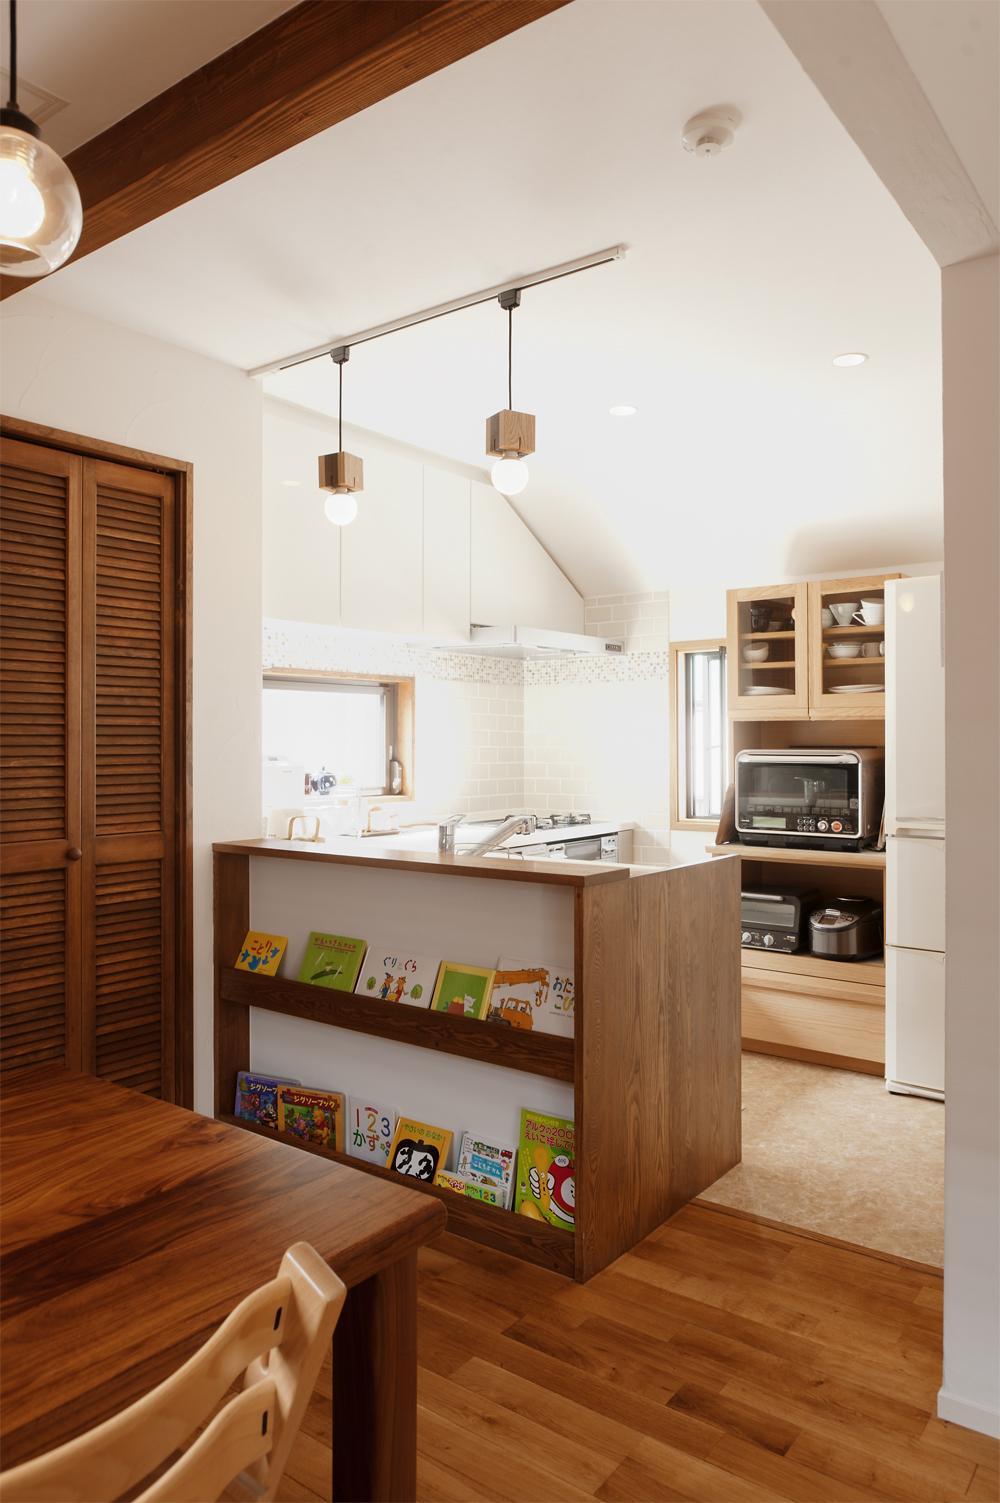 y邸・子ども達のために 自然素材で楽しくリノベーションの写真 ダイニング側から見たキッチン